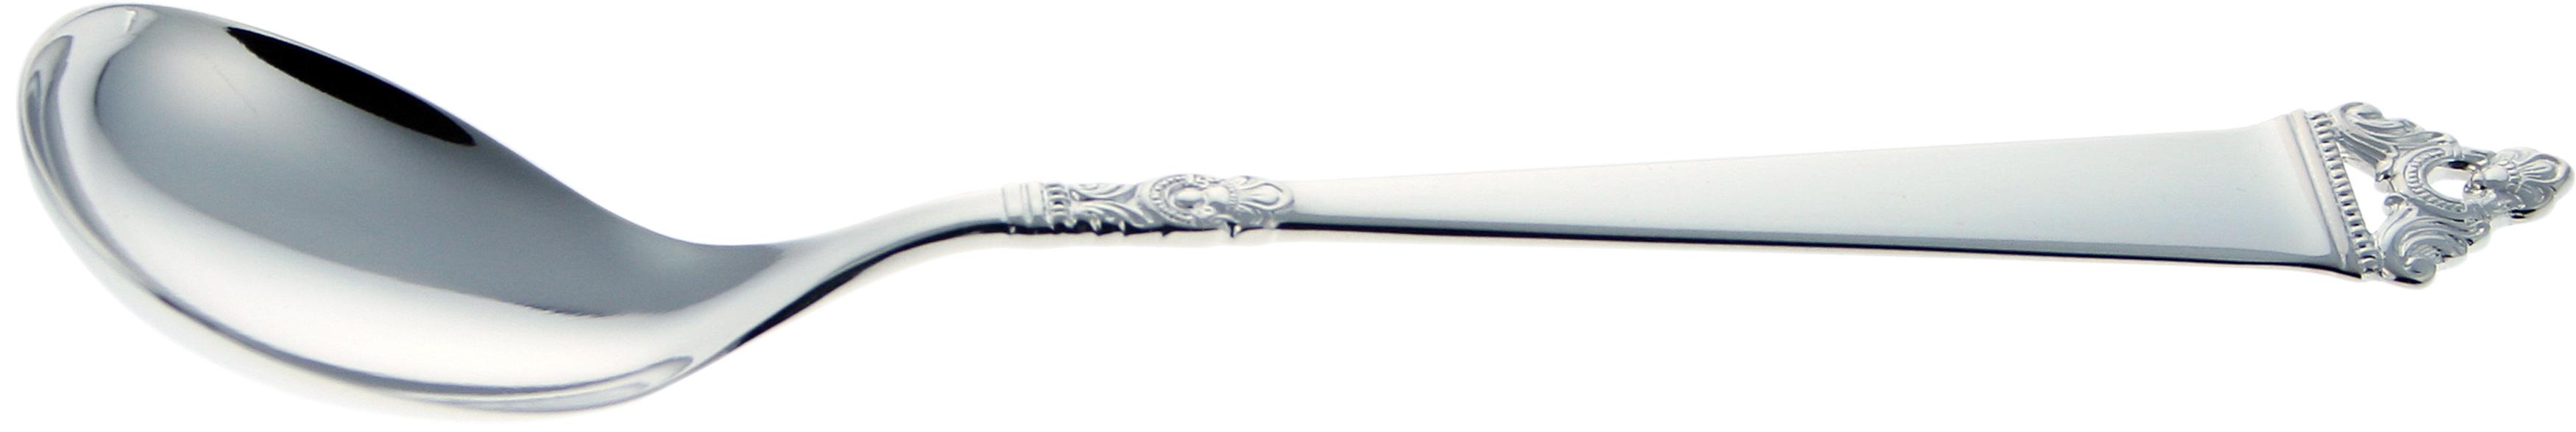 Syltetøyskje liten, Odel sølvbestikk